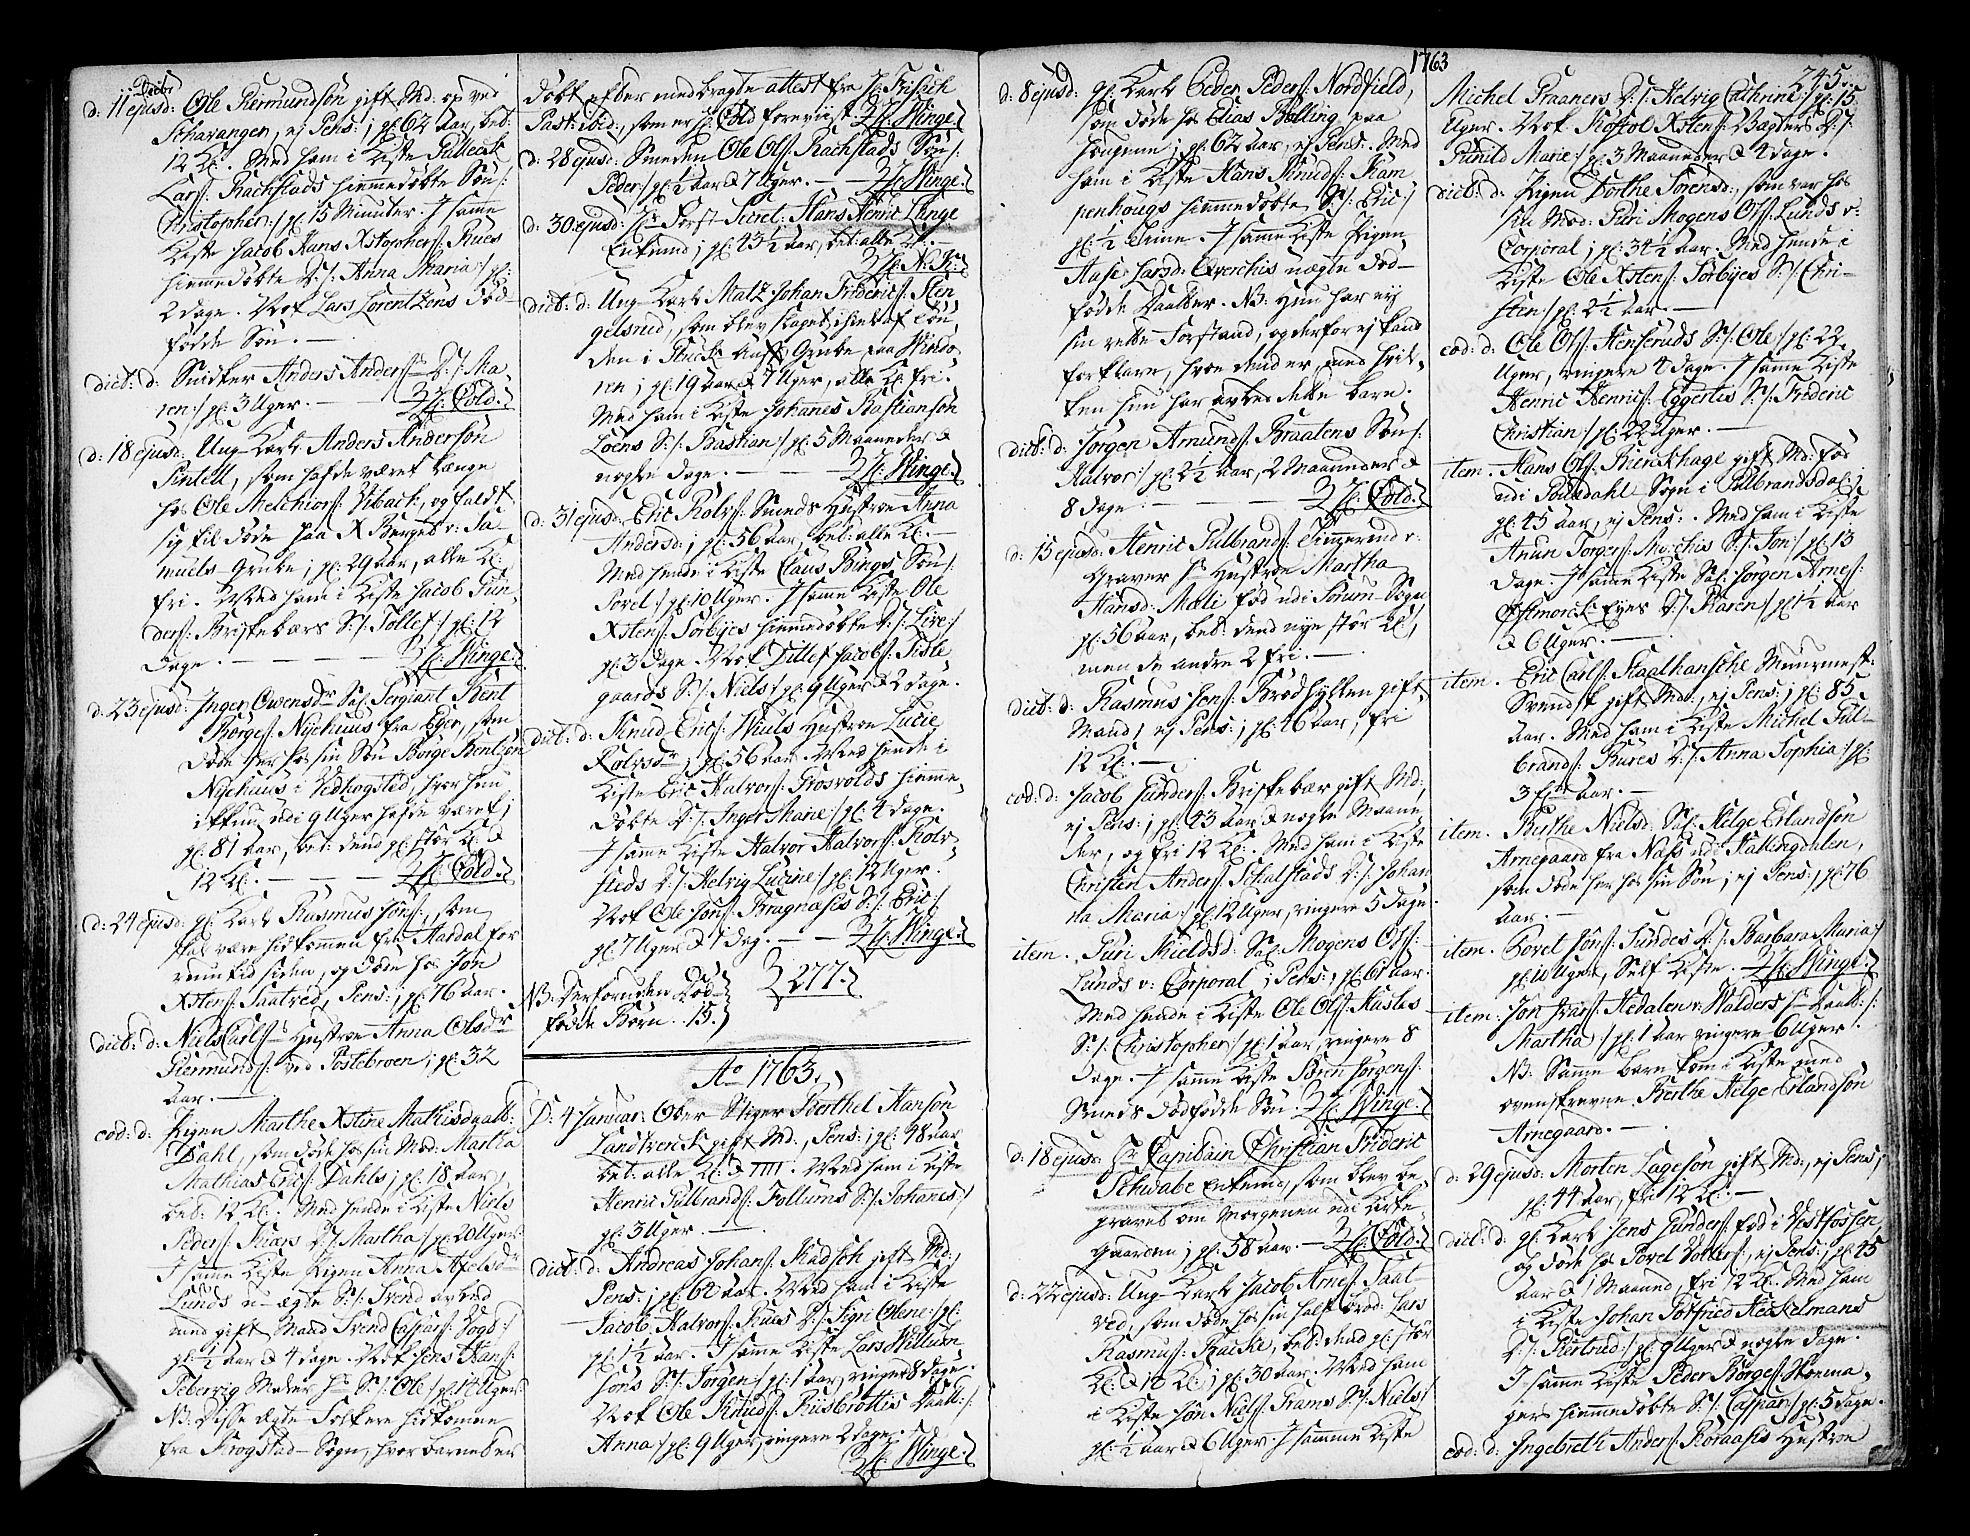 SAKO, Kongsberg kirkebøker, F/Fa/L0004: Ministerialbok nr. I 4, 1756-1768, s. 245